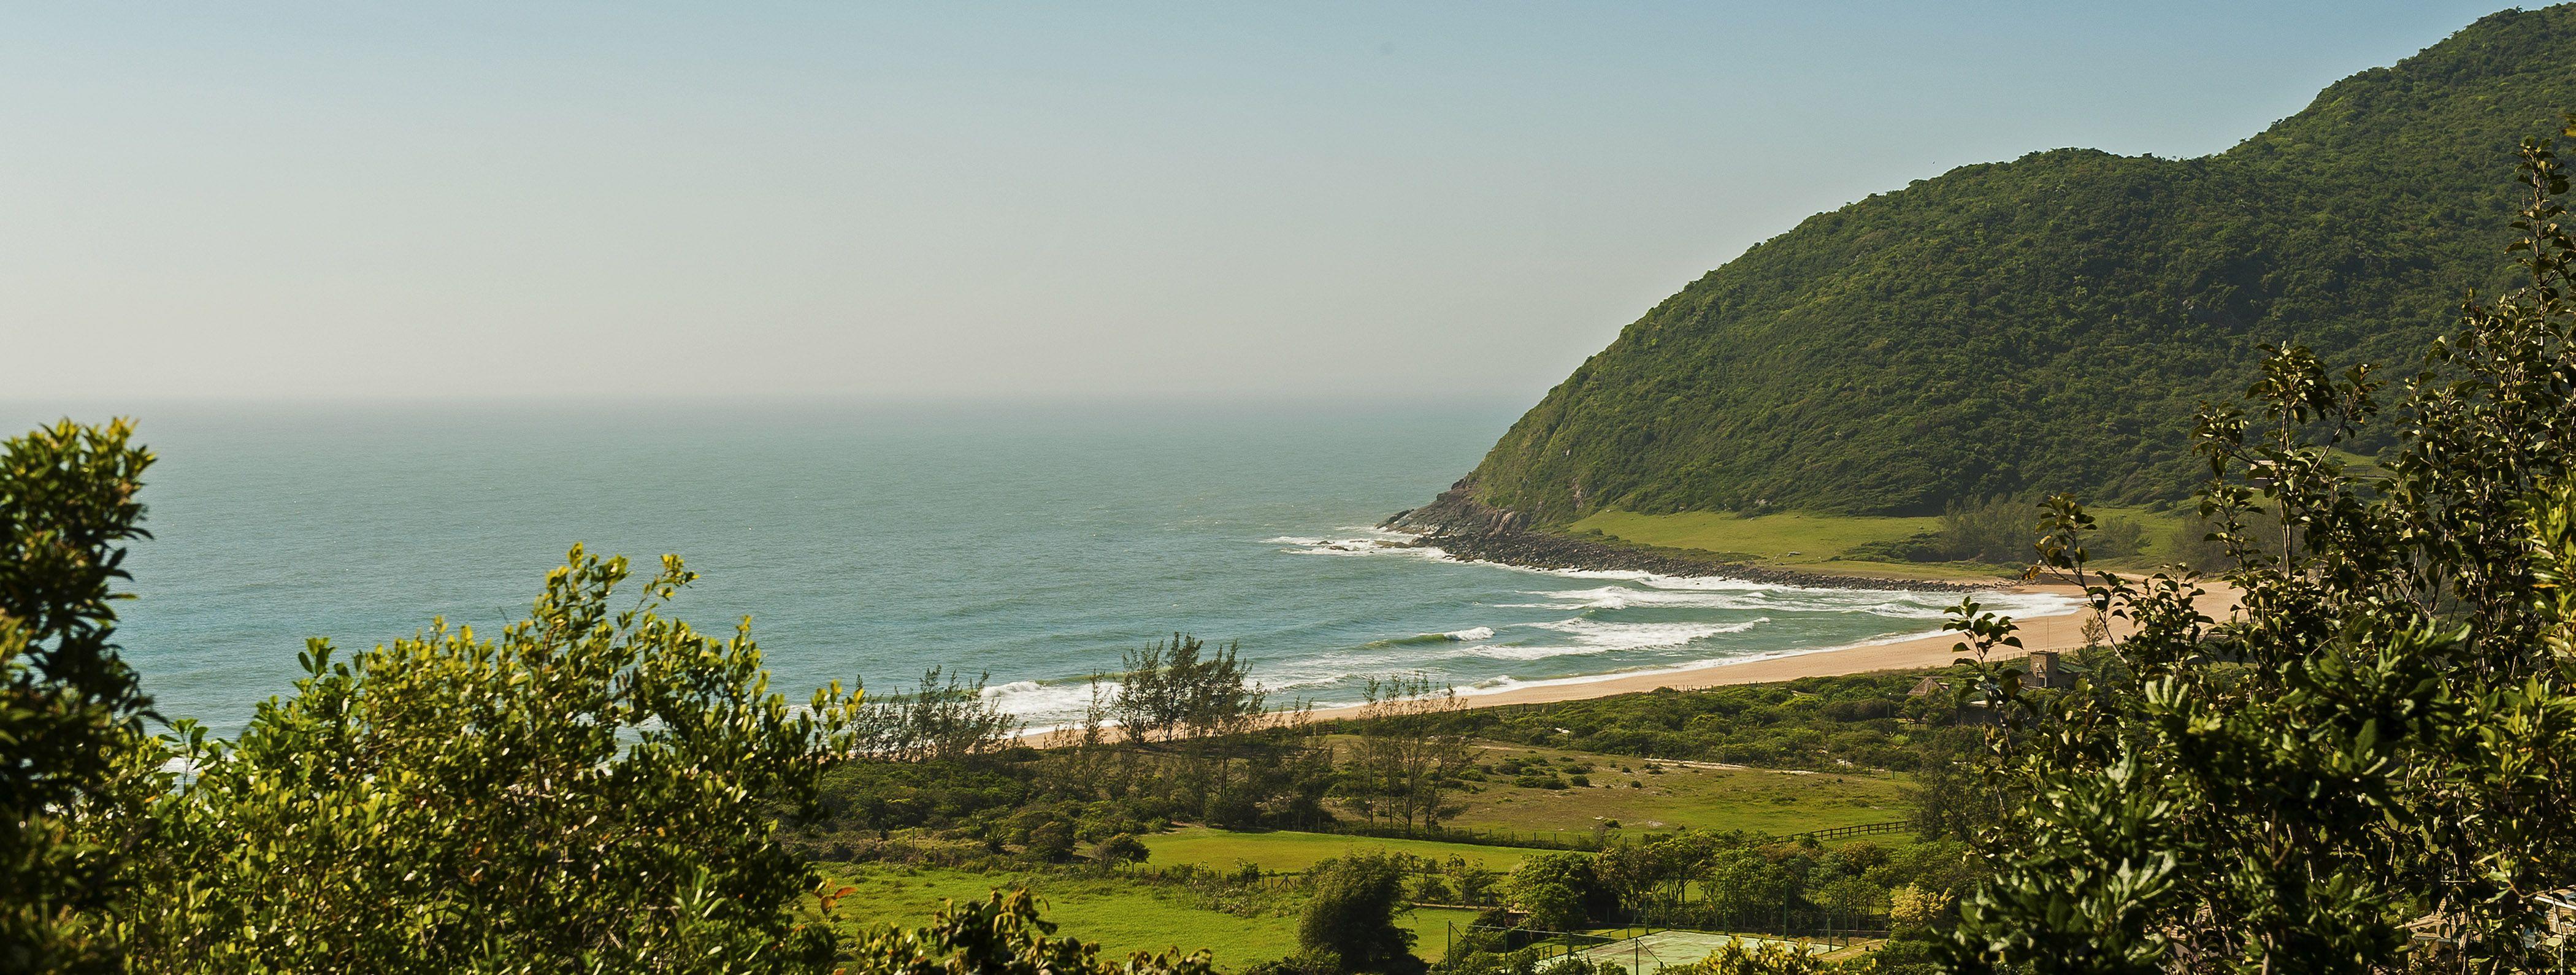 4 Pontos turísticos de Santa Catarina para você passar um fim de semana